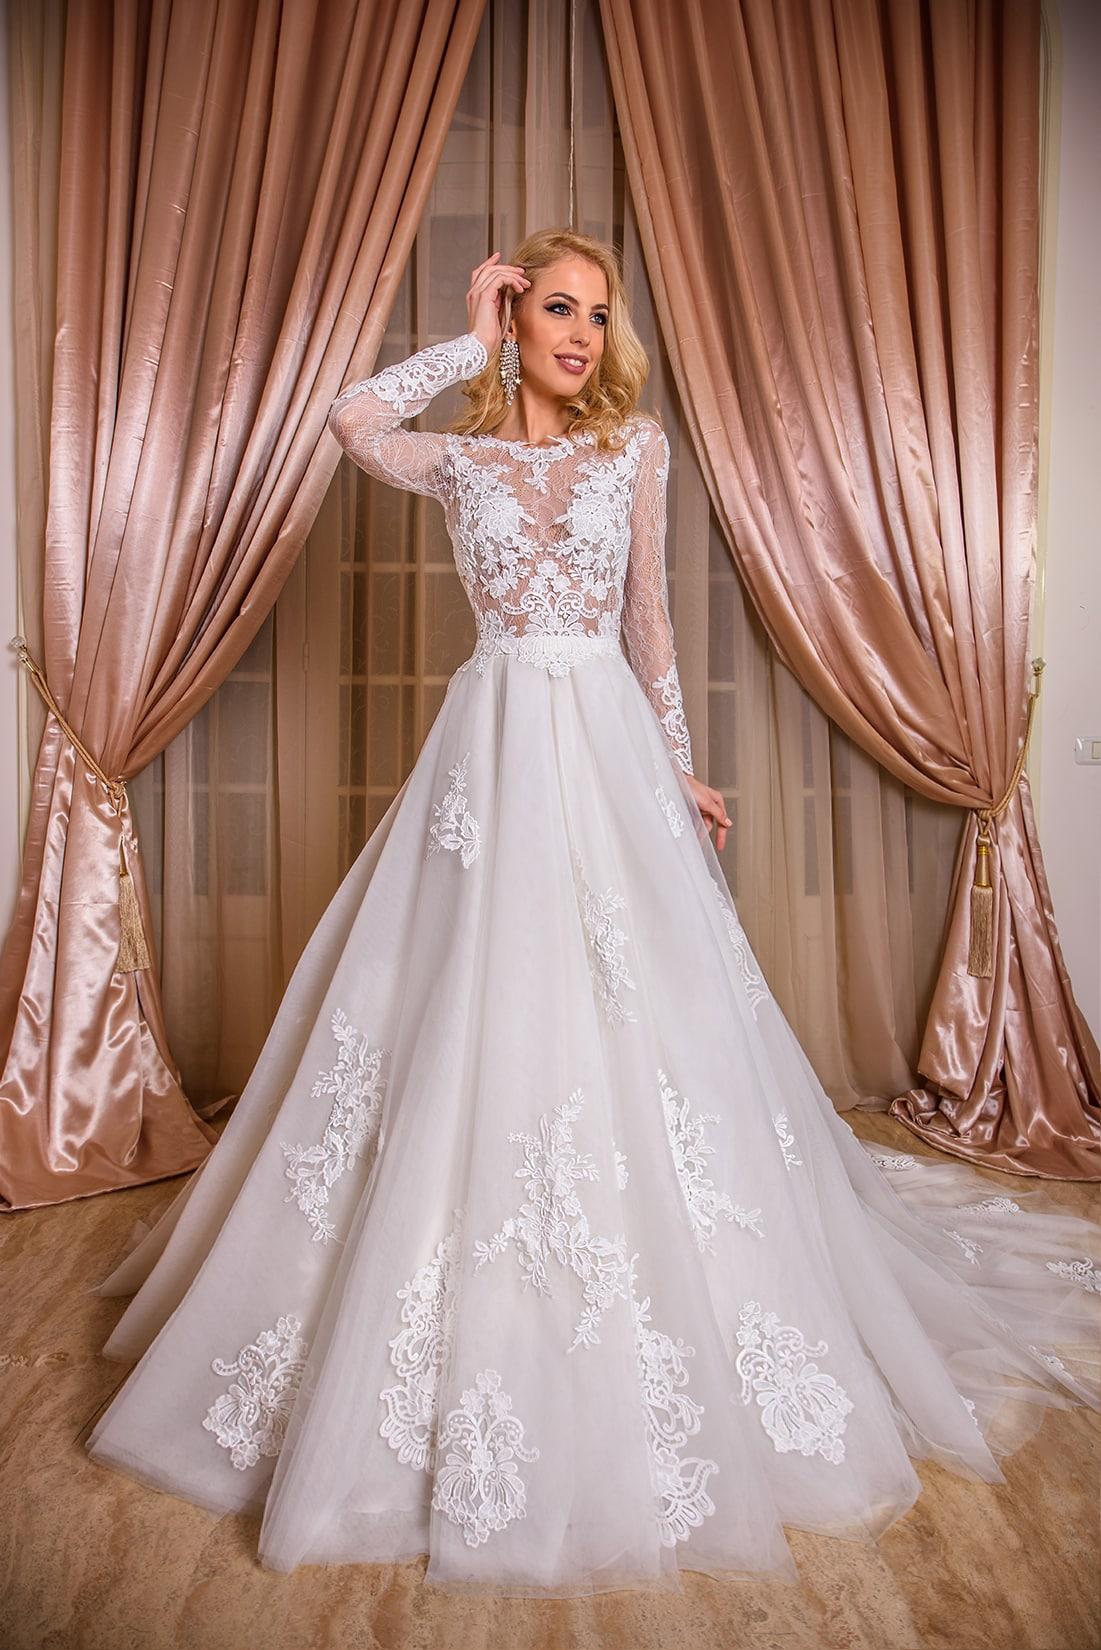 Nastasia Model - Colectia Baroque - Adora Sposa